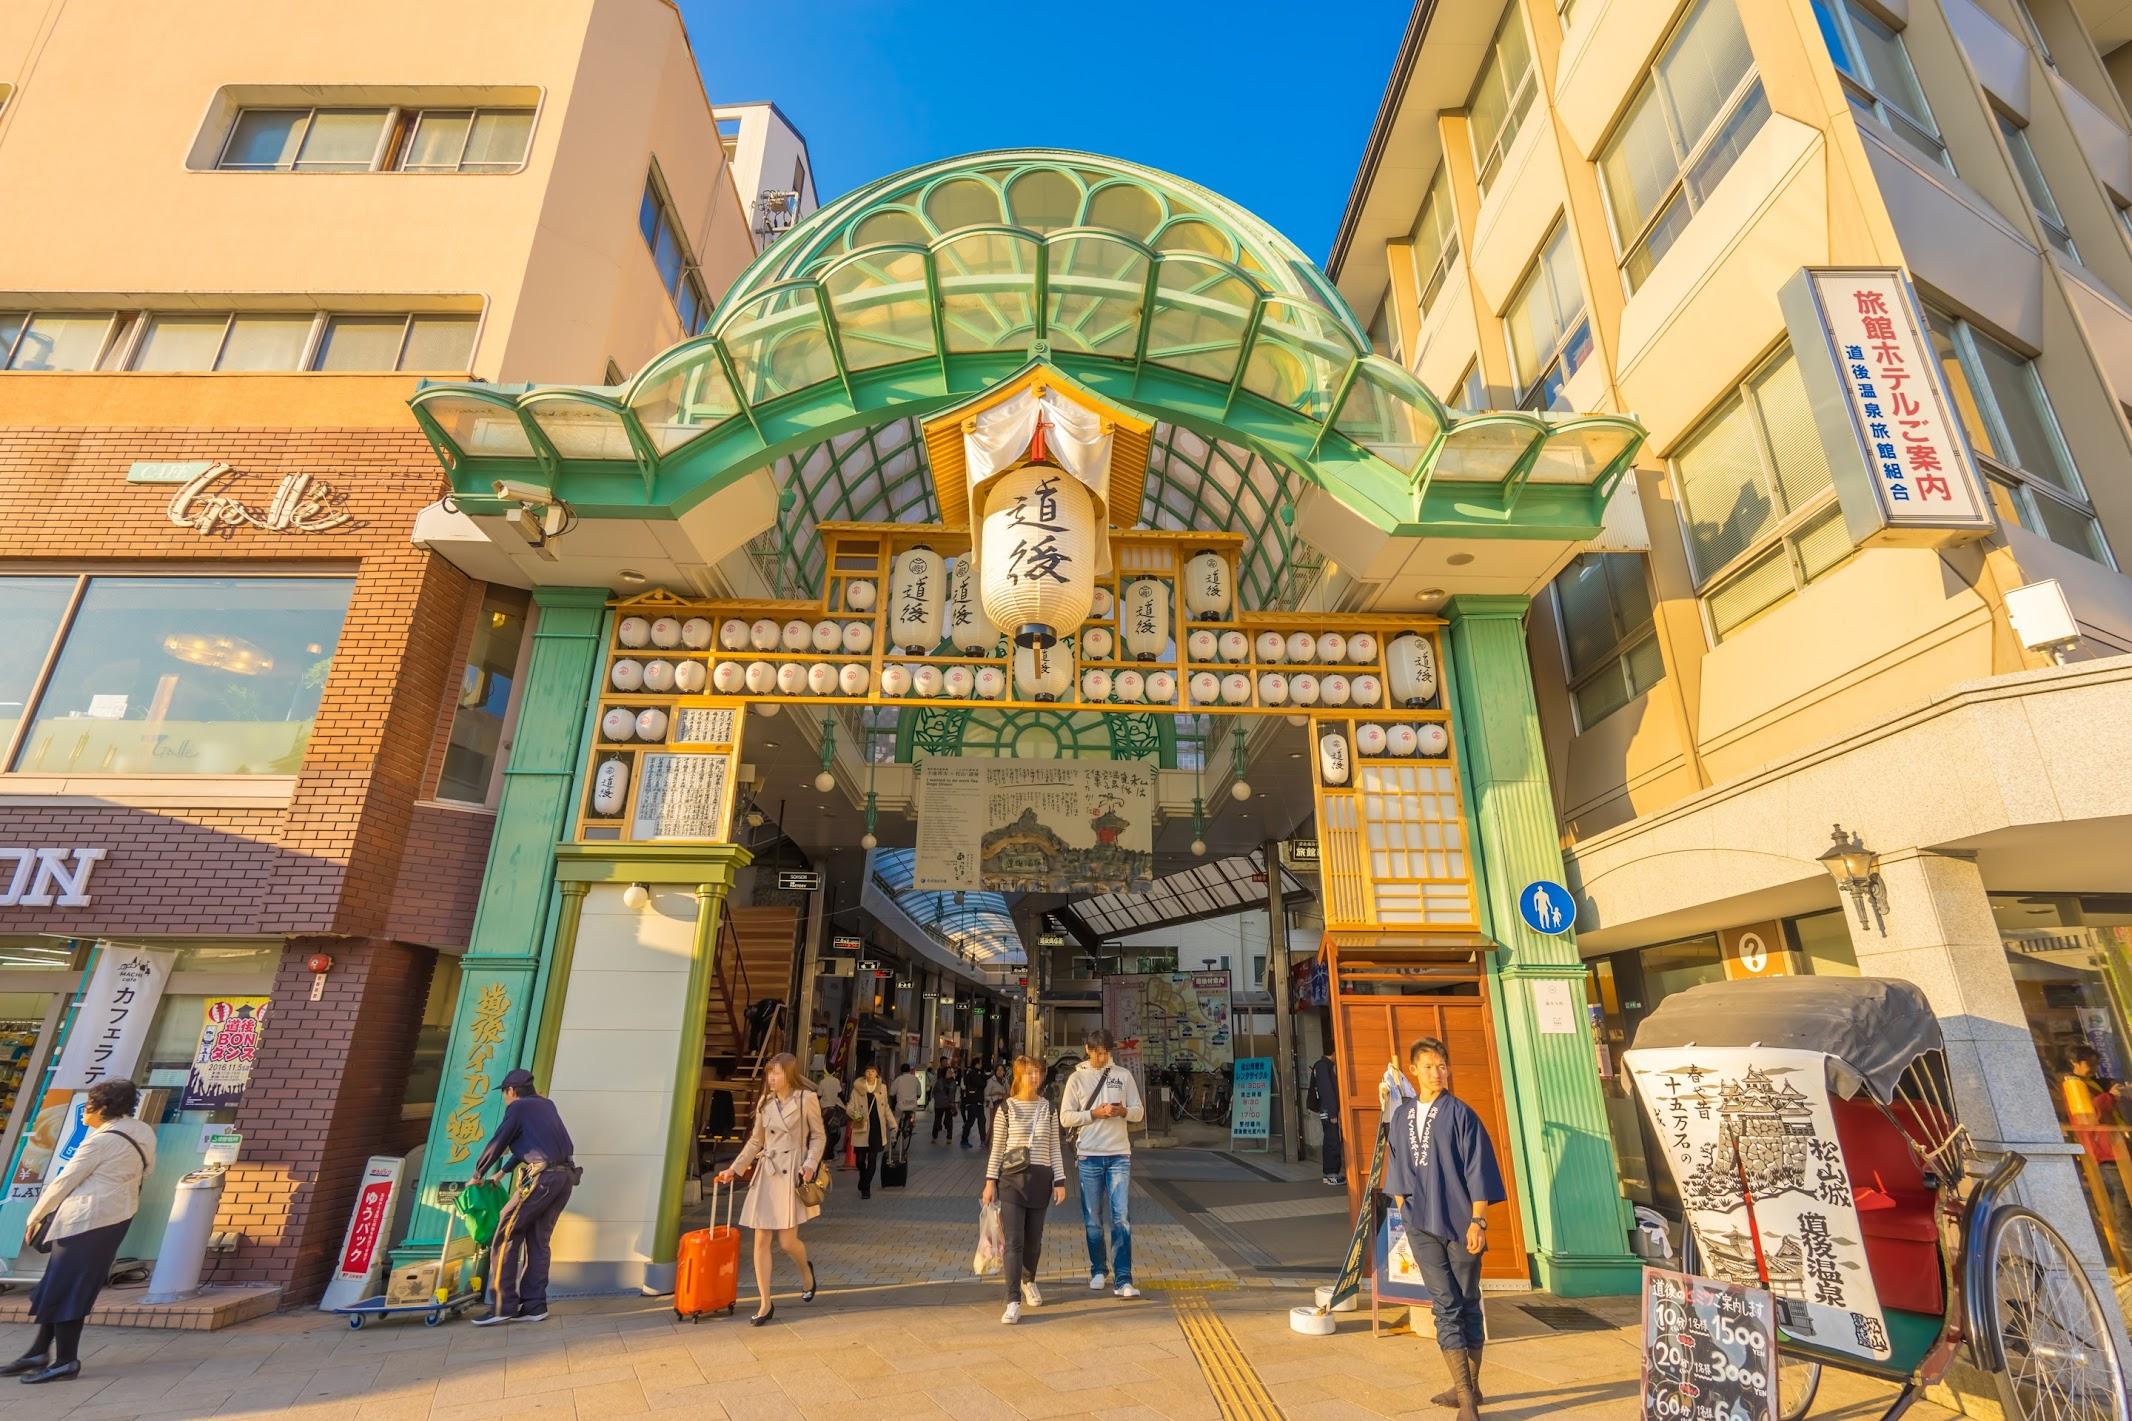 道後ハイカラ通り(道後商店街)1